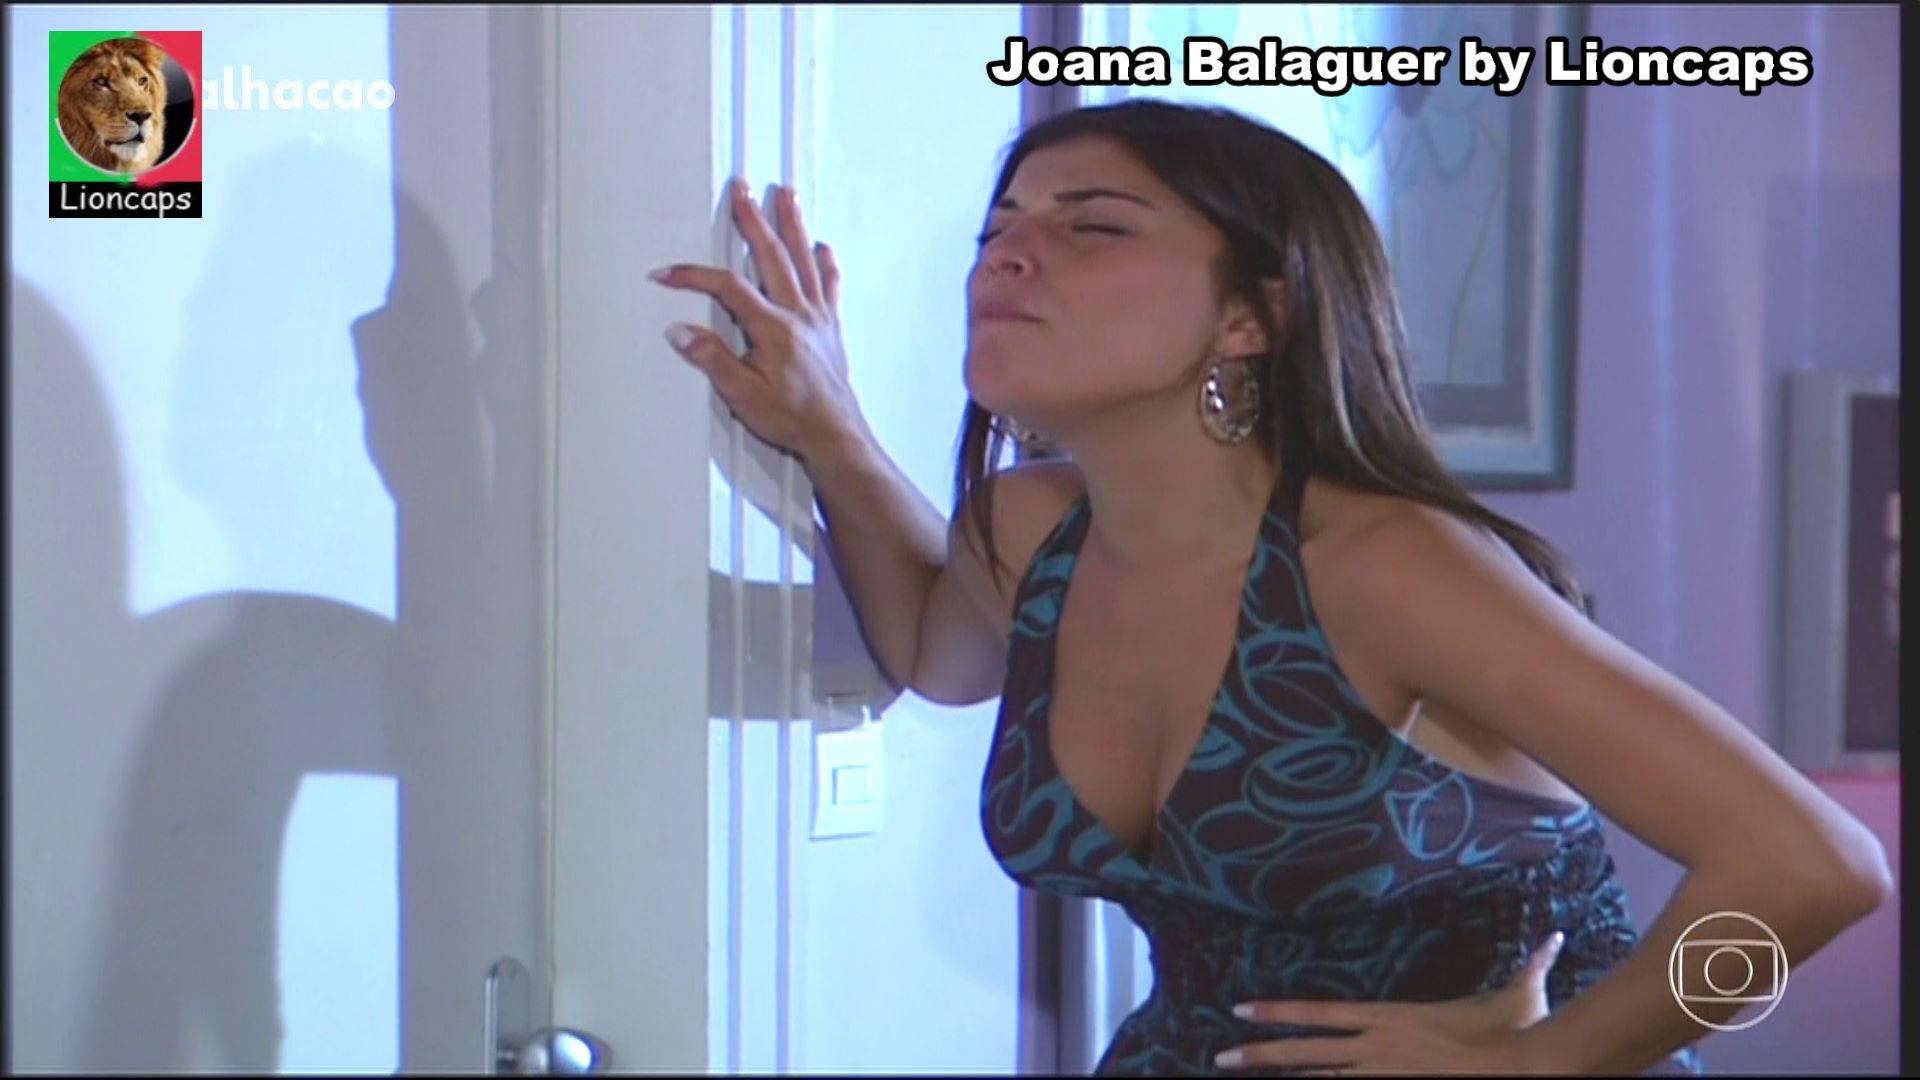 355553807_joana_balaguer_vs190612_1907_122_480lo.JPG